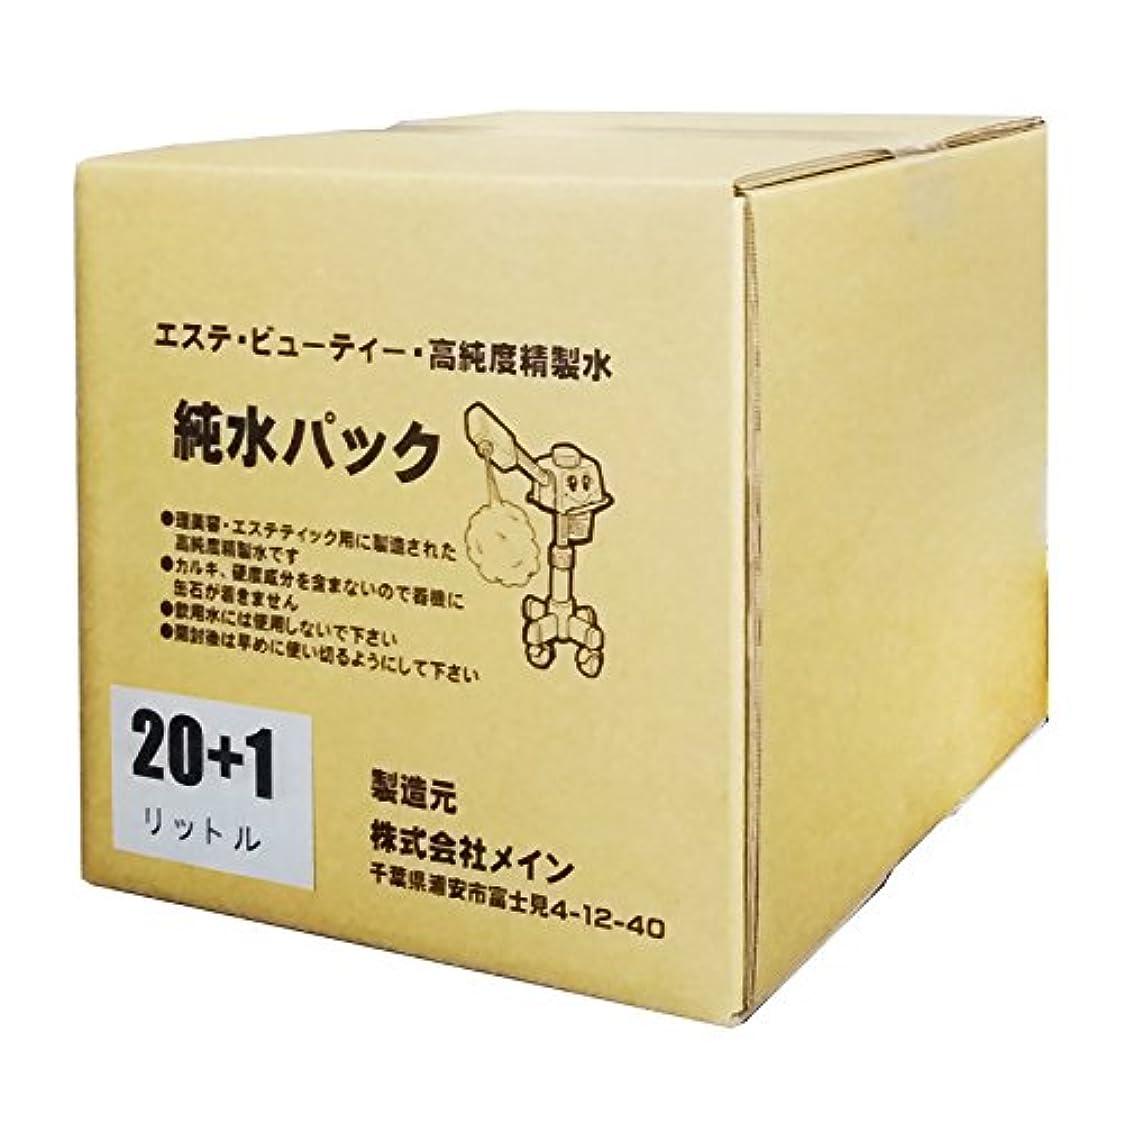 ルネッサンス内陸別の増量中 21L 高純度 精製水 20 L + 1L 純水パック コック付 日本製 エステ スチーマー (1個) オートクレーブ 滅菌器